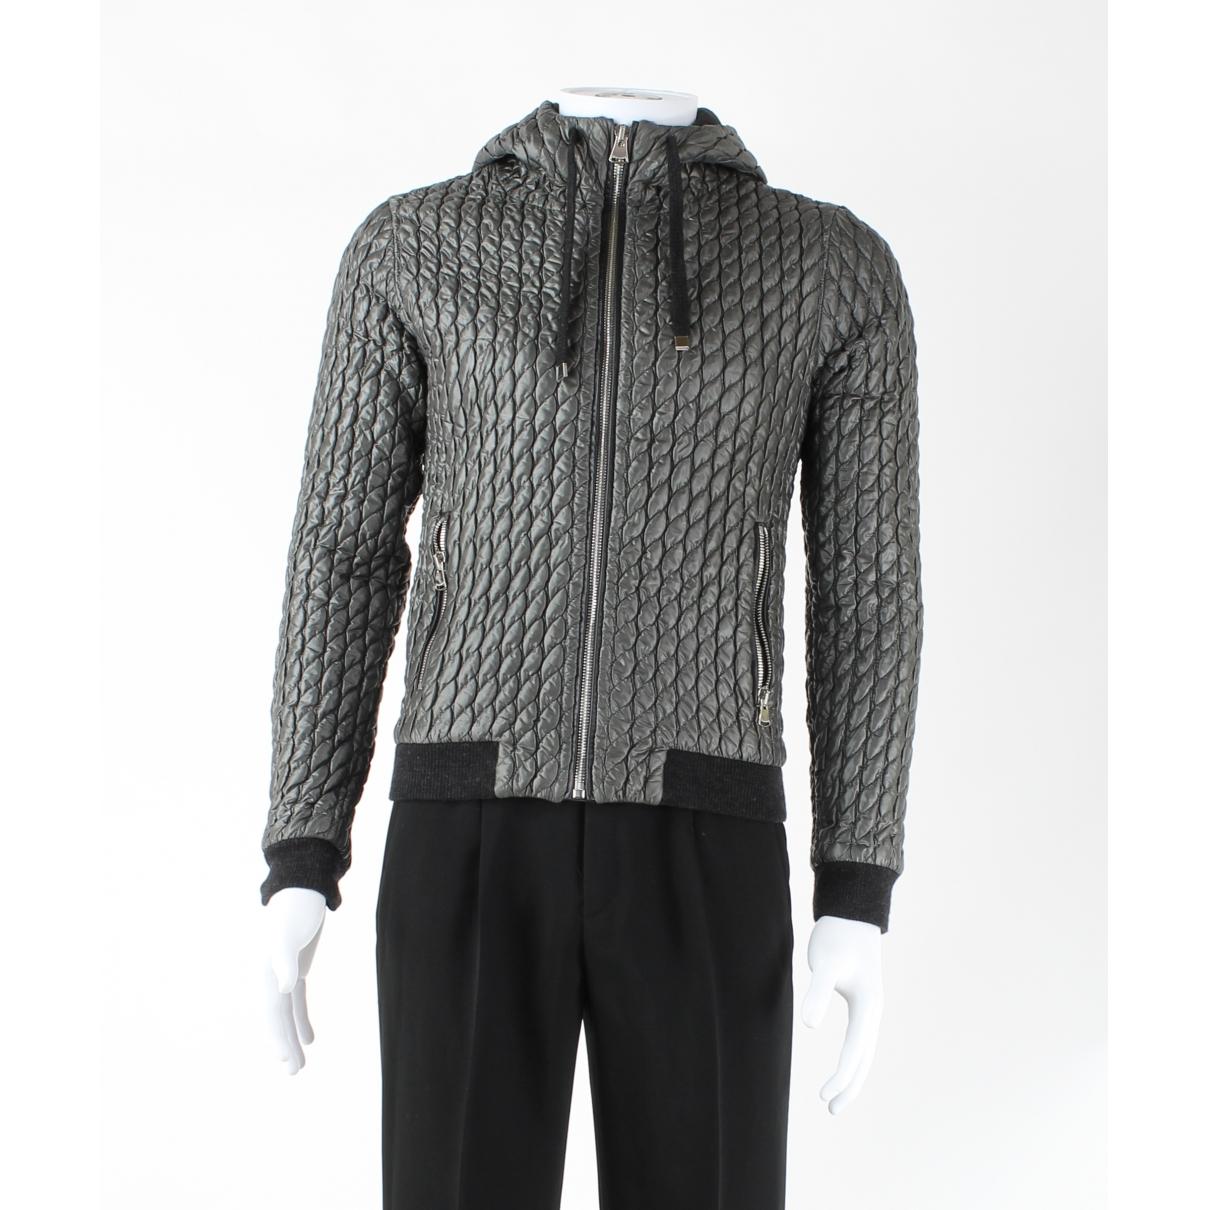 Dolce & Gabbana - Vestes.Blousons   pour homme - gris